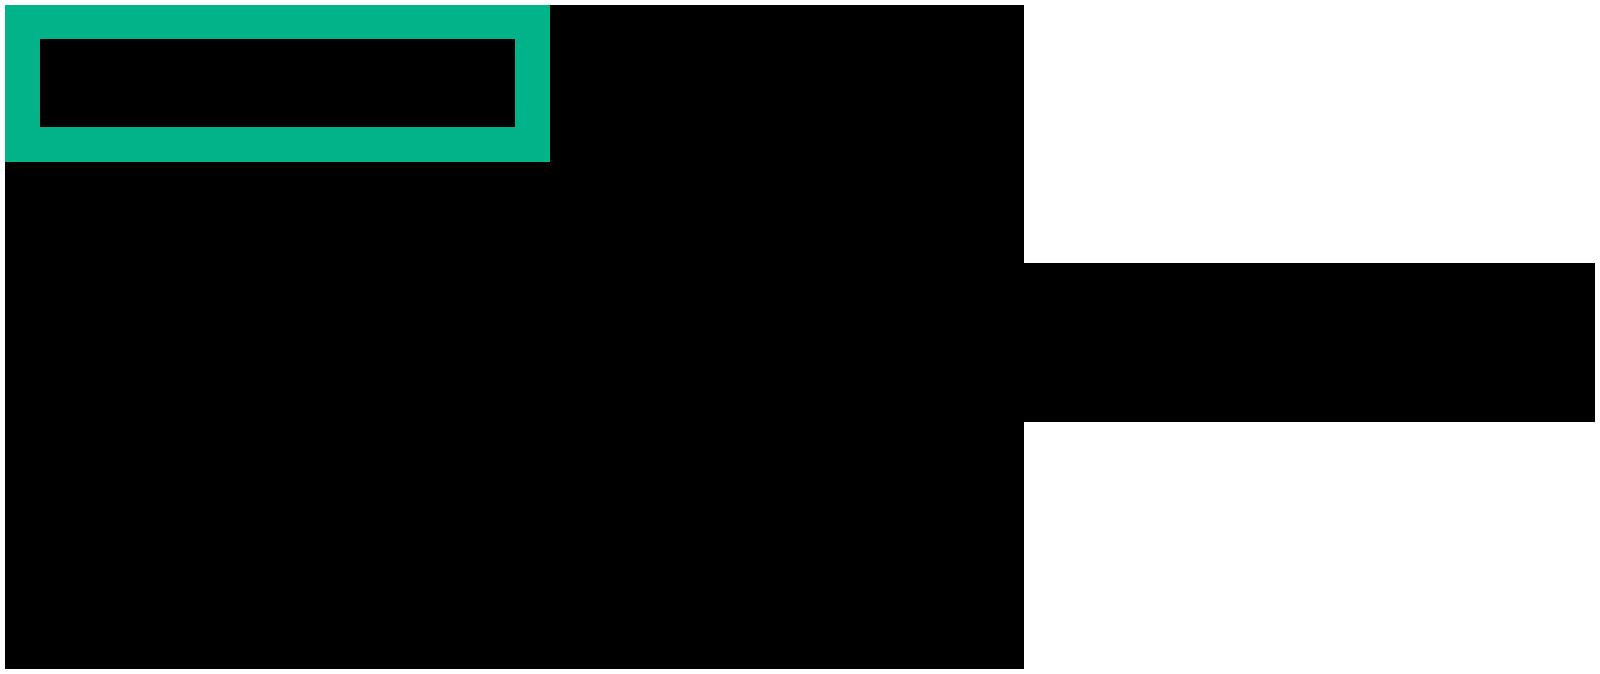 慧与(中国)有限公司日语服务器技术支持工程师日企招聘信息